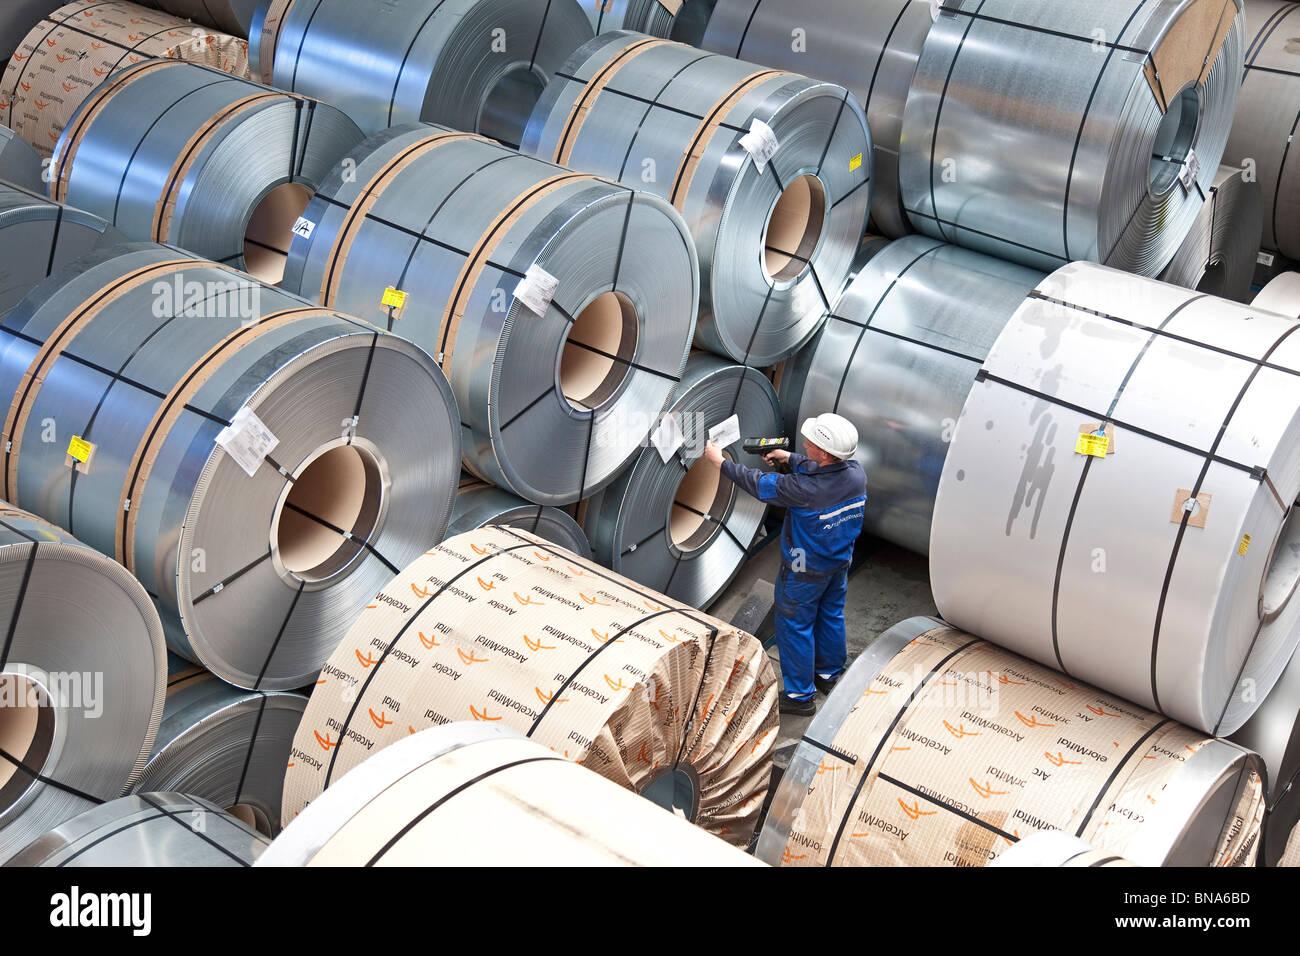 ArcelorMittal: la producción de bobinas de acero; almacenamiento de bobinas de acero completo listo para envío Imagen De Stock